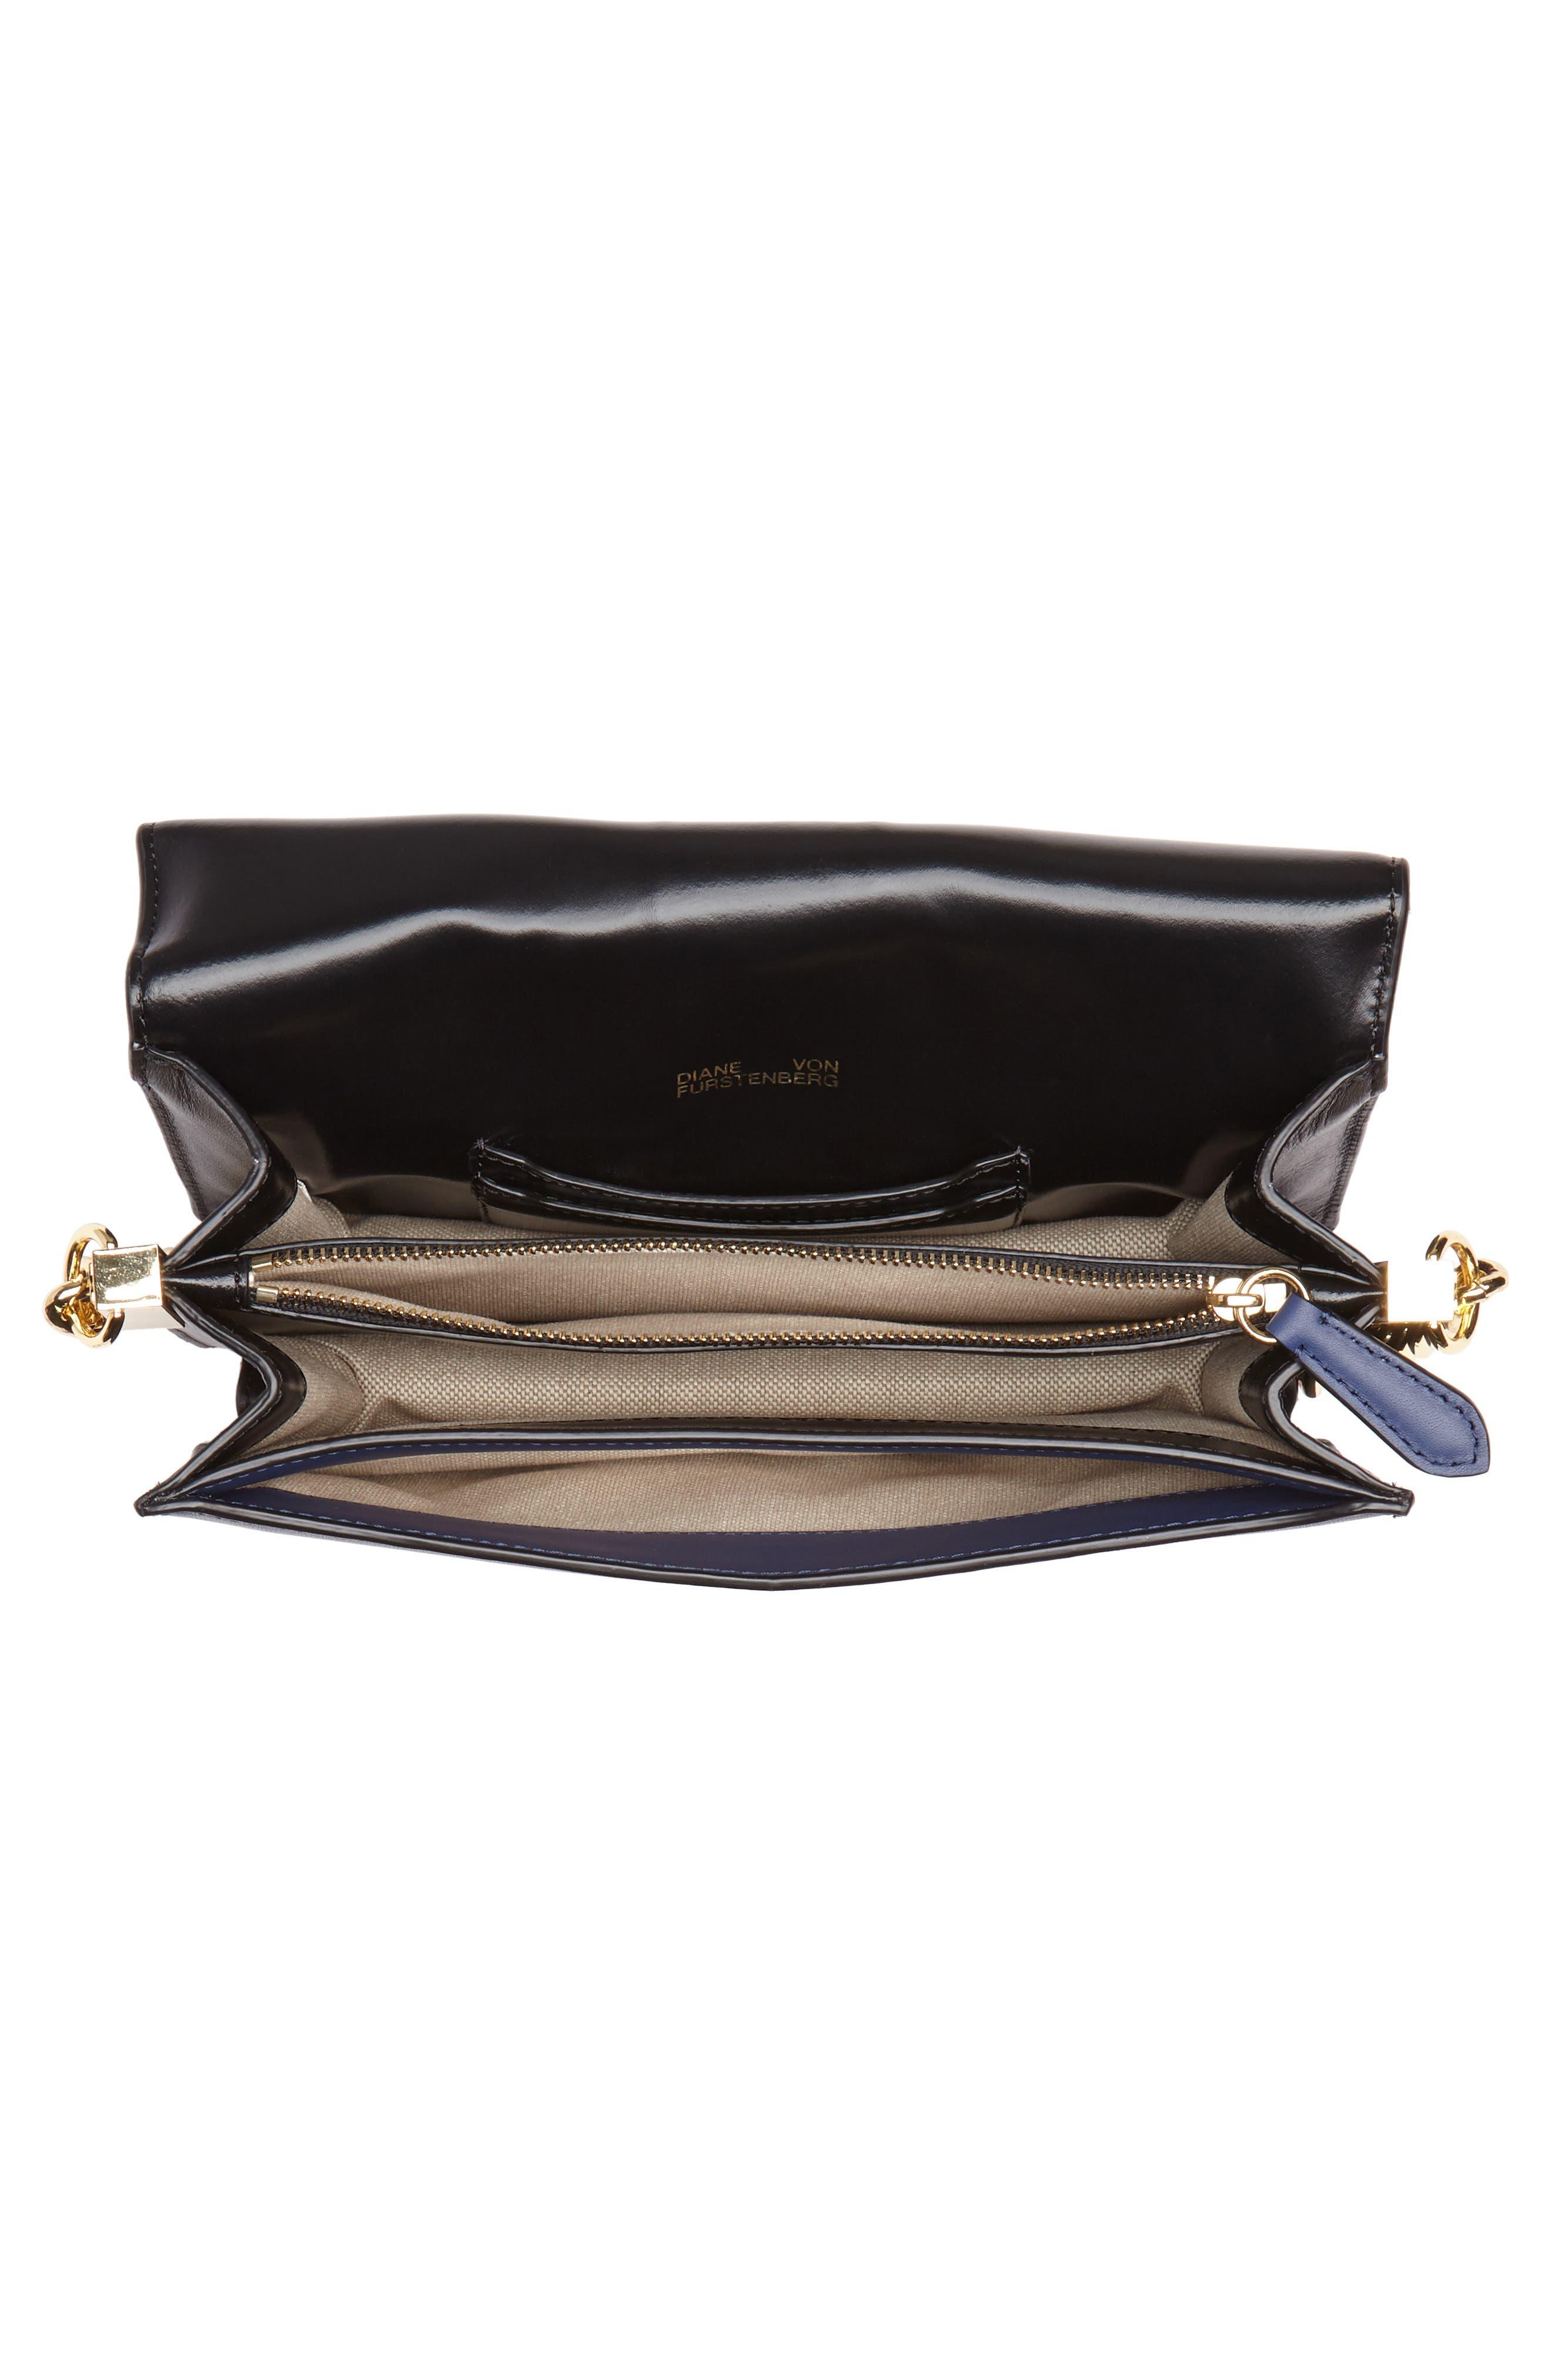 Bonne Journée Half Moon Leather Crossbody Bag,                             Alternate thumbnail 4, color,                             001